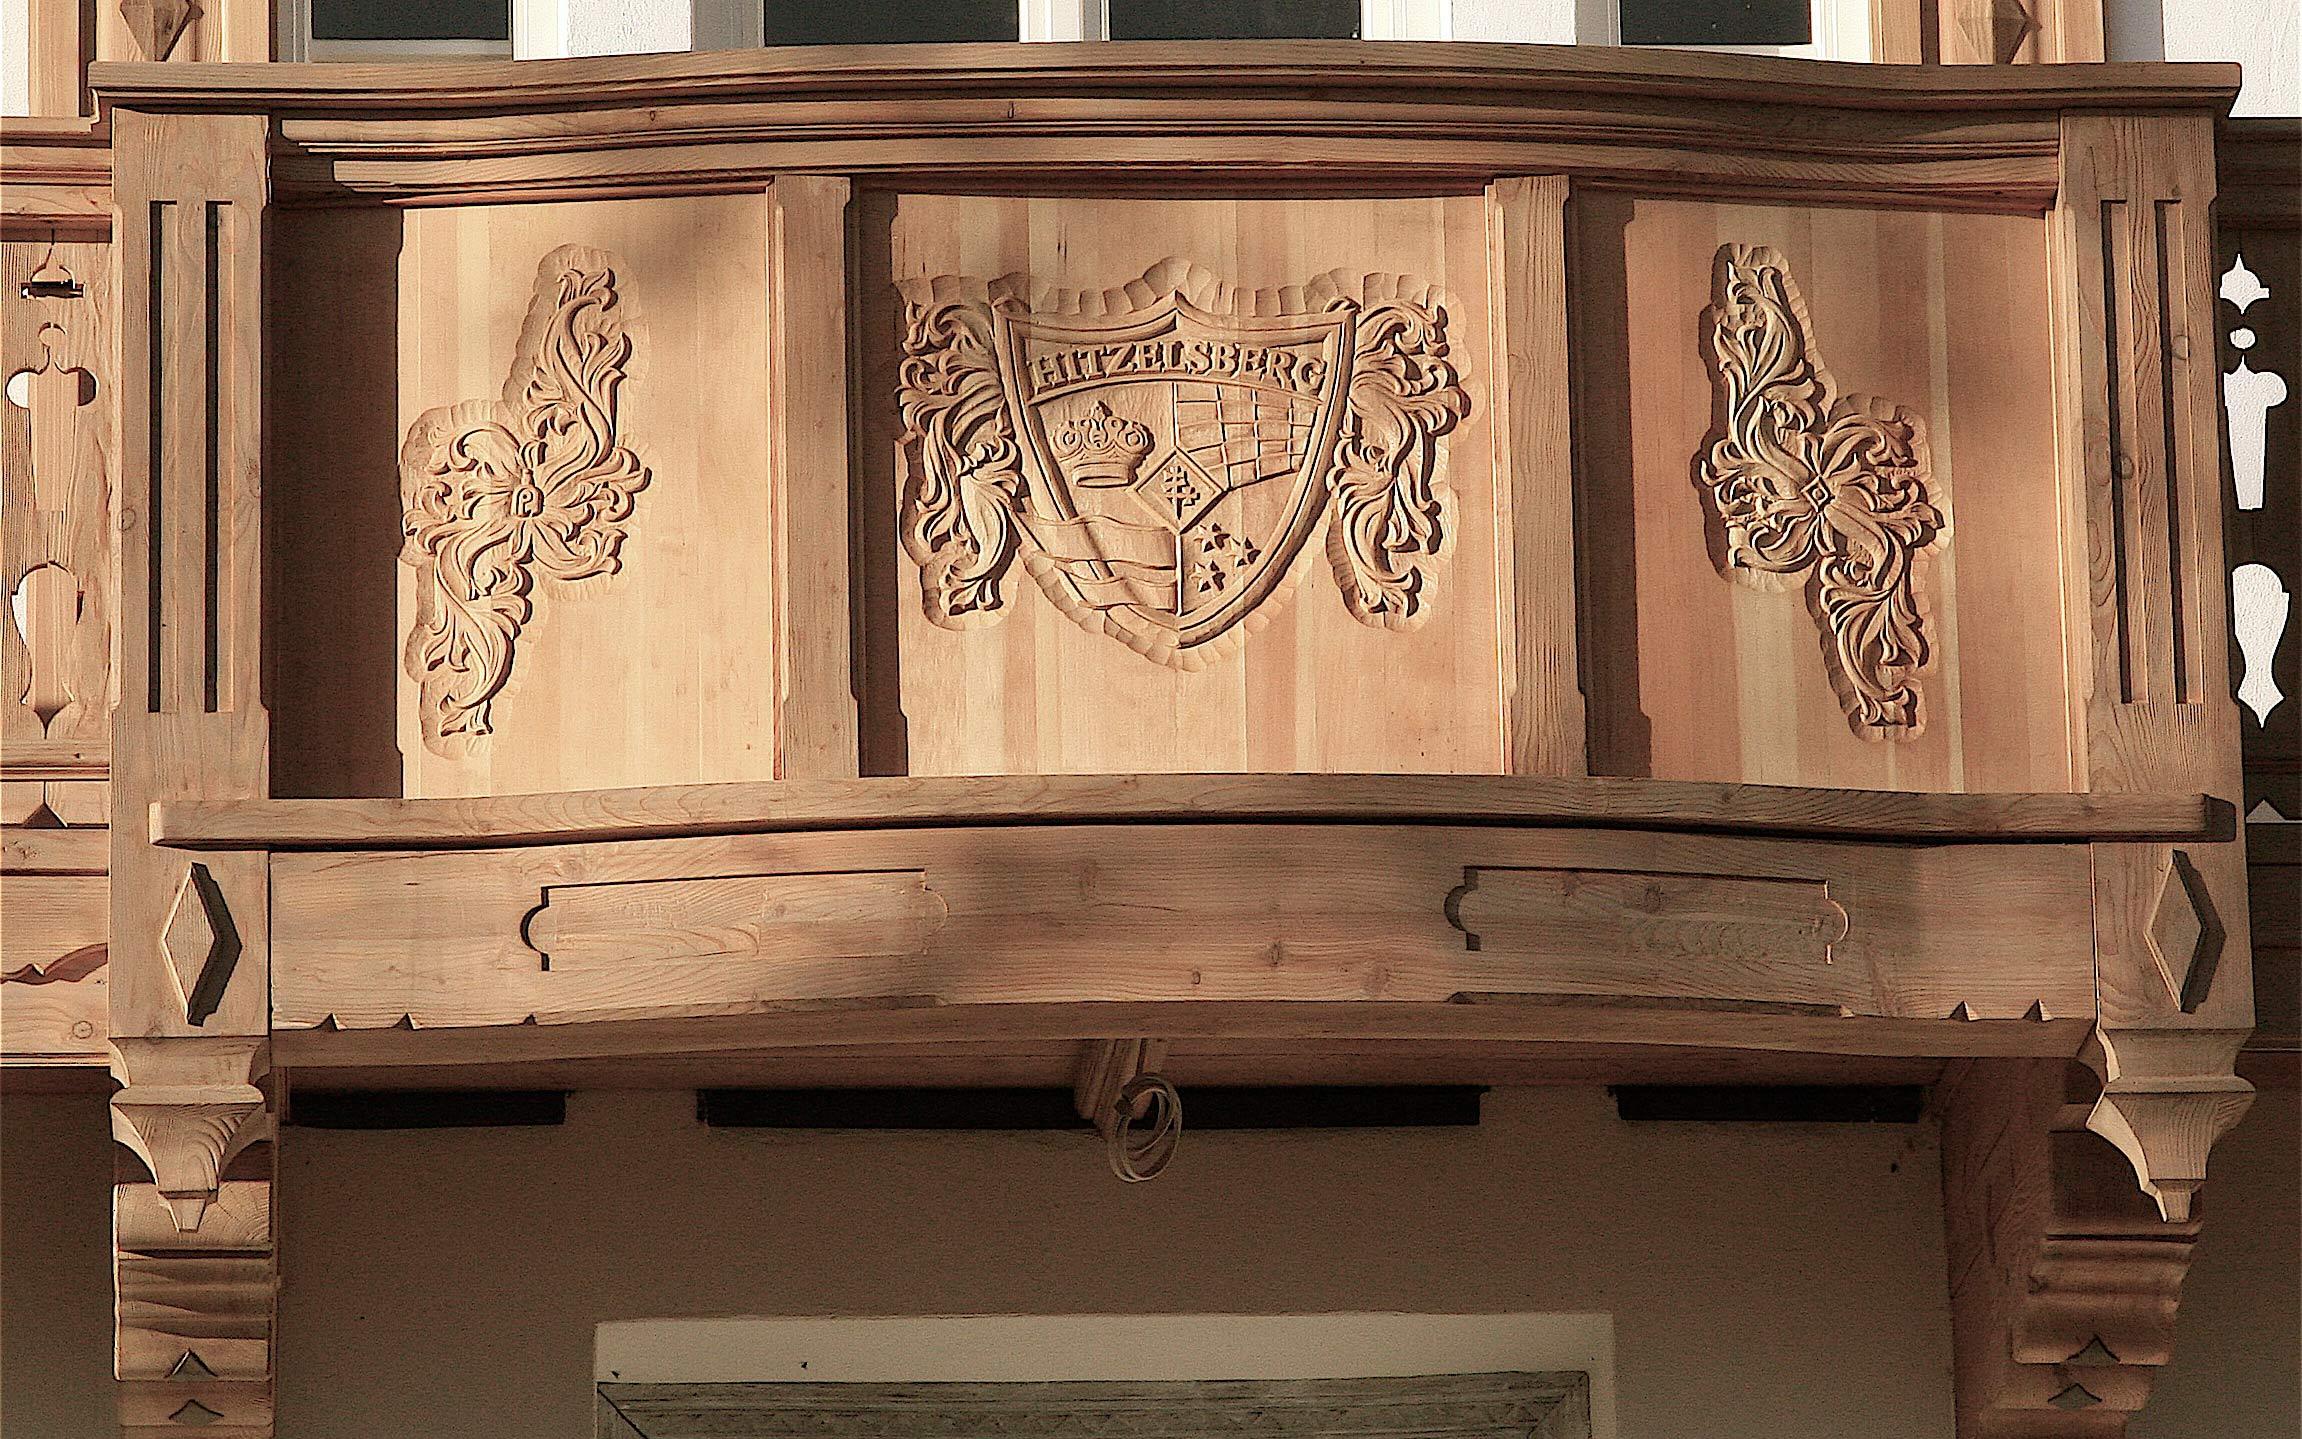 strasser-balkon-2.jpg